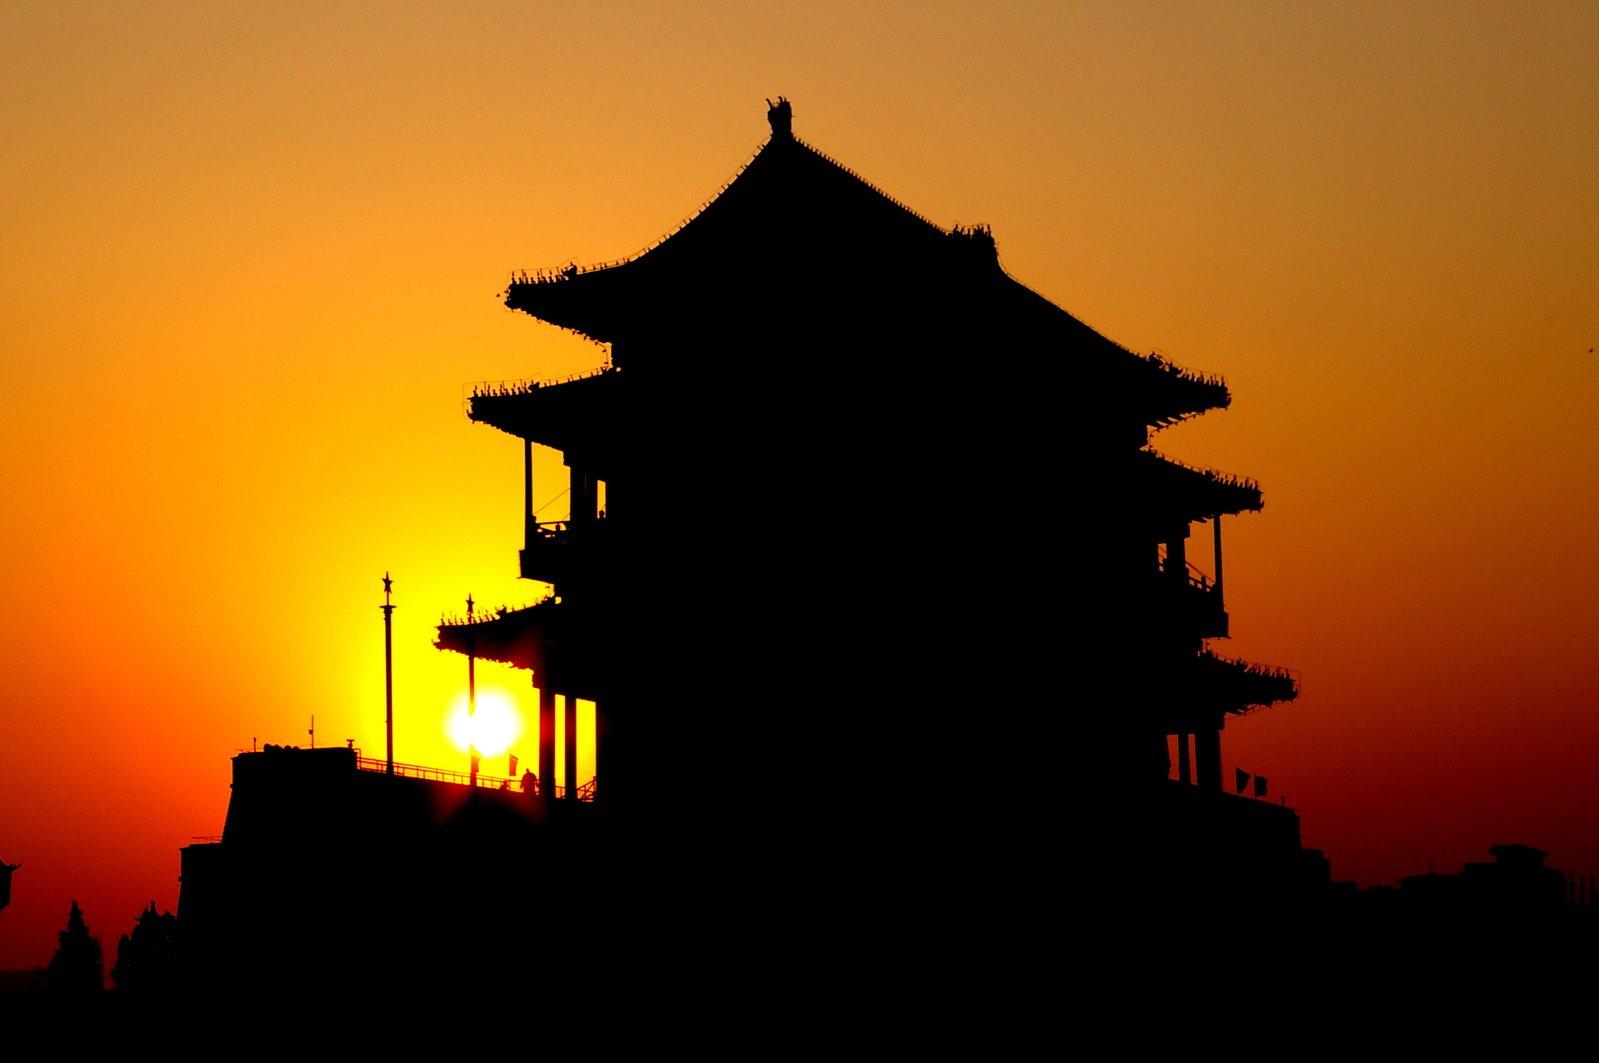 Trung Quốc và các mục tiêu địa chính trị trước năm 2049